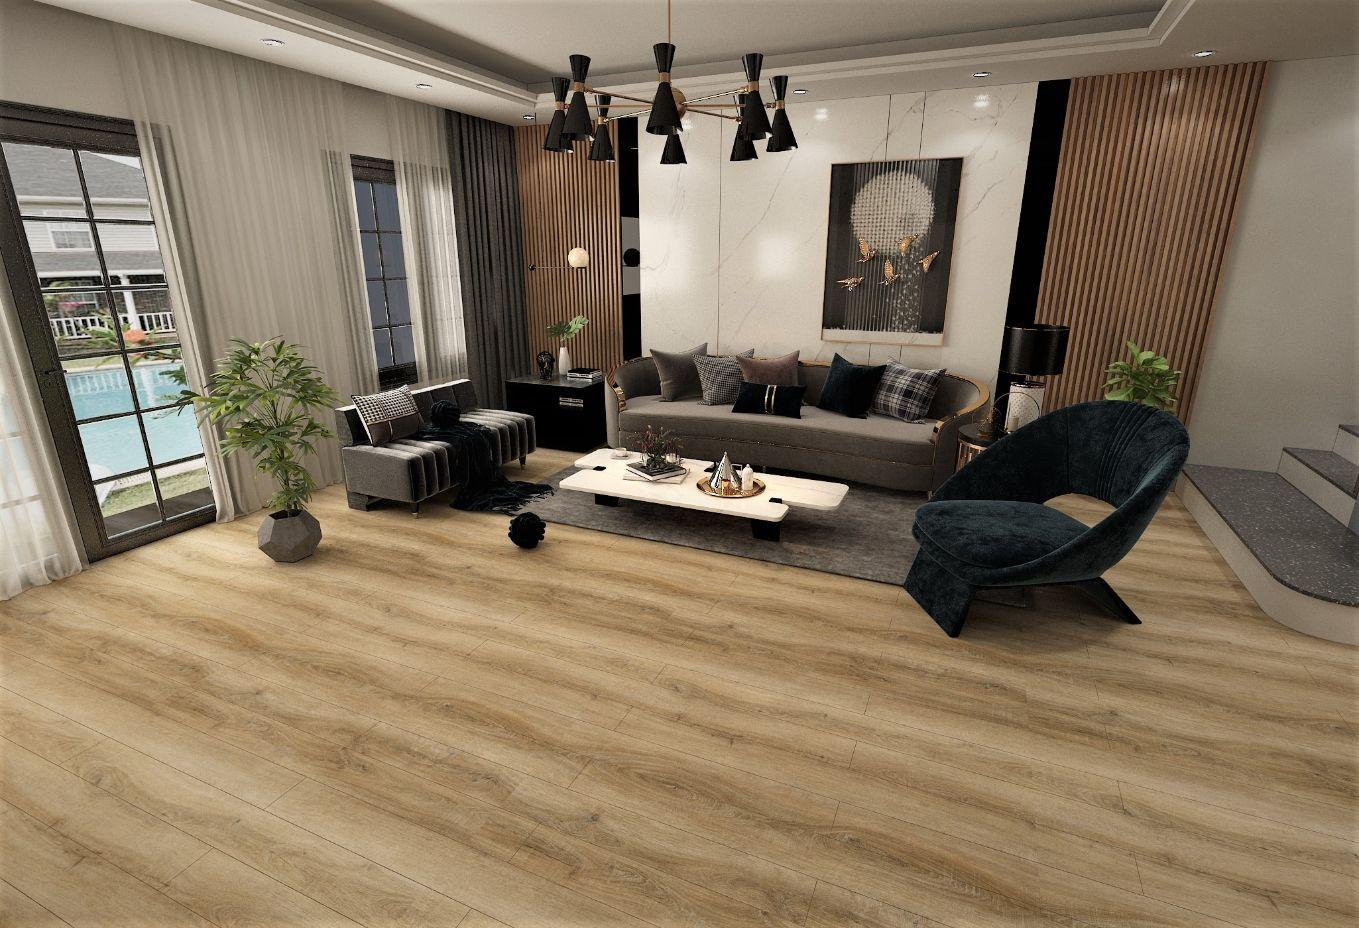 SA 110 3 - Không lo lỗi mốt với sàn vân gỗ AnPro trong thiết kế nội thất